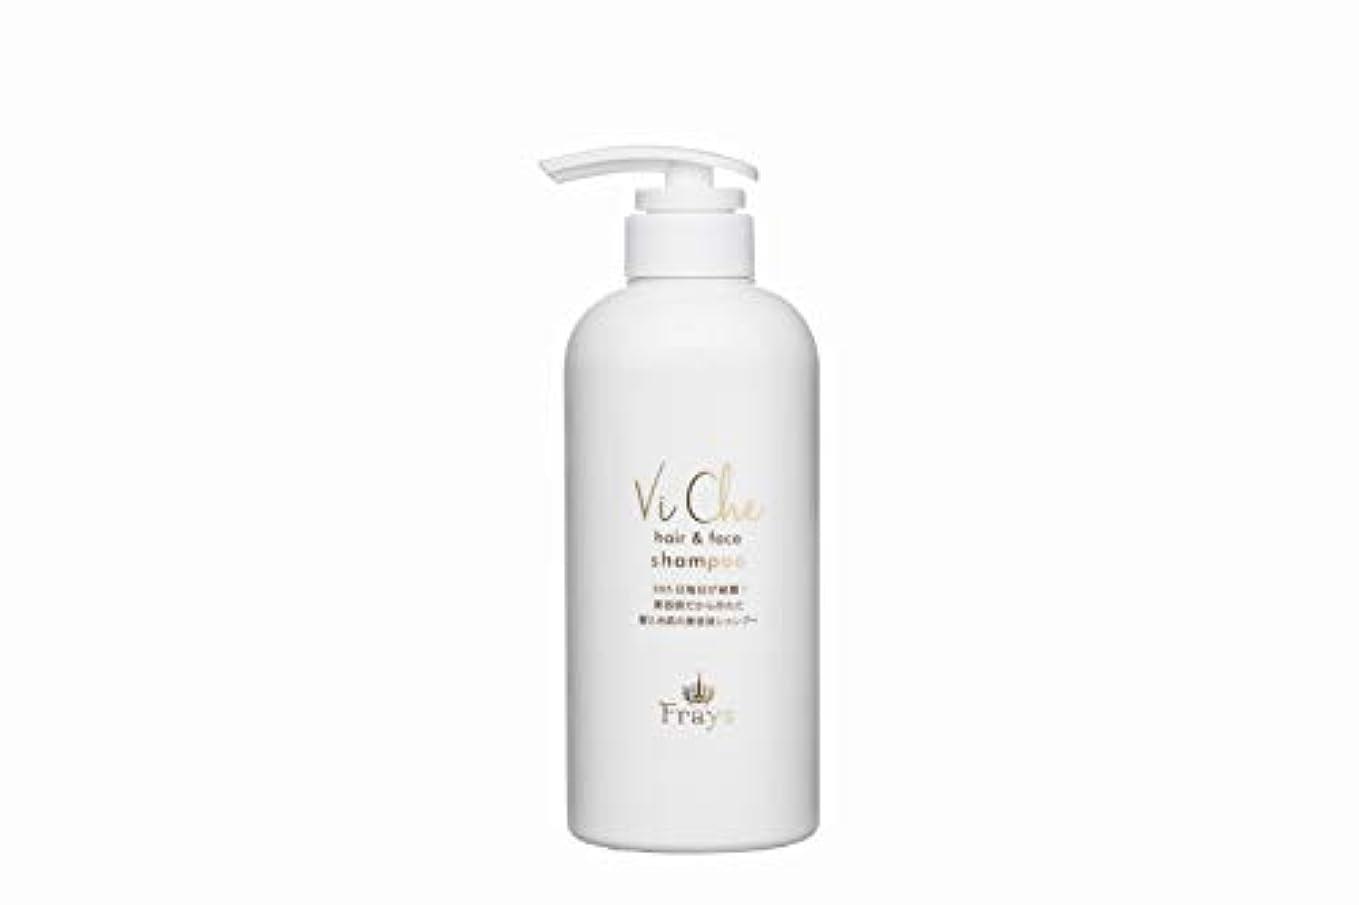 ヨーグルト毛細血管定常ViChe hair&face shampoo 500ml